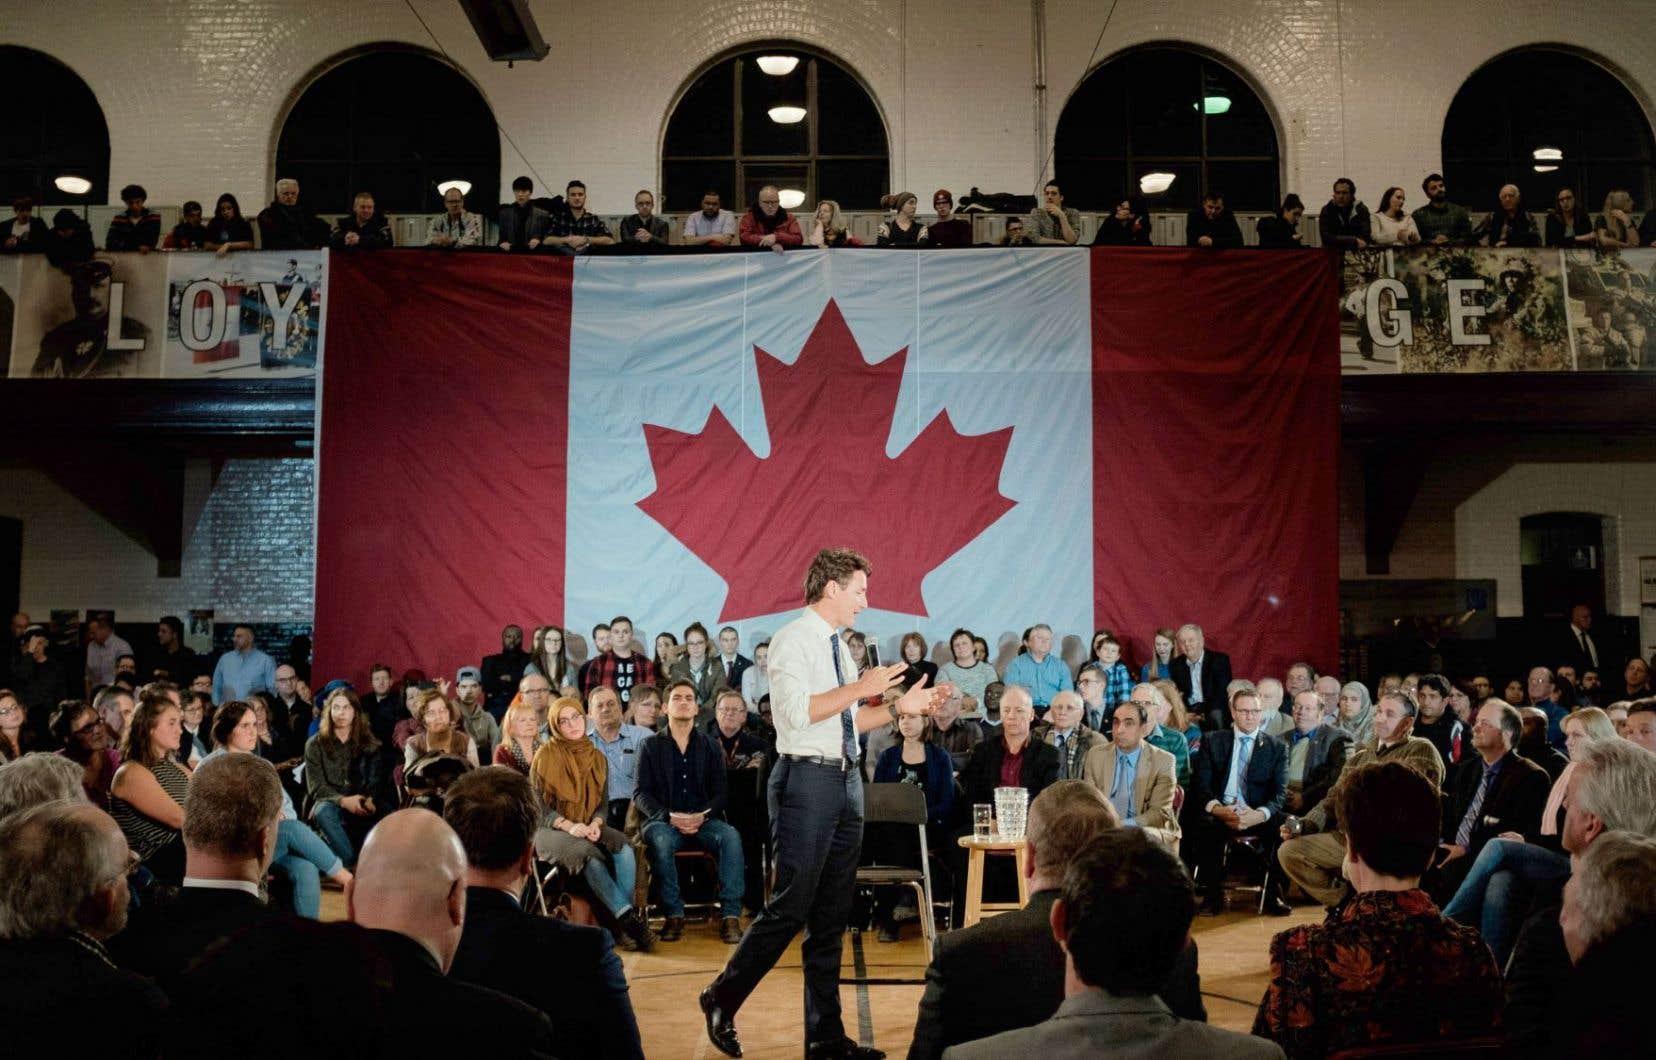 Une grande foule était rassemblée mardi, à Sherbrooke, pour assister à une assemblée tenue par le premier ministre (debout, au centre), dans le cadre de sa grande tournée pancanadienne.